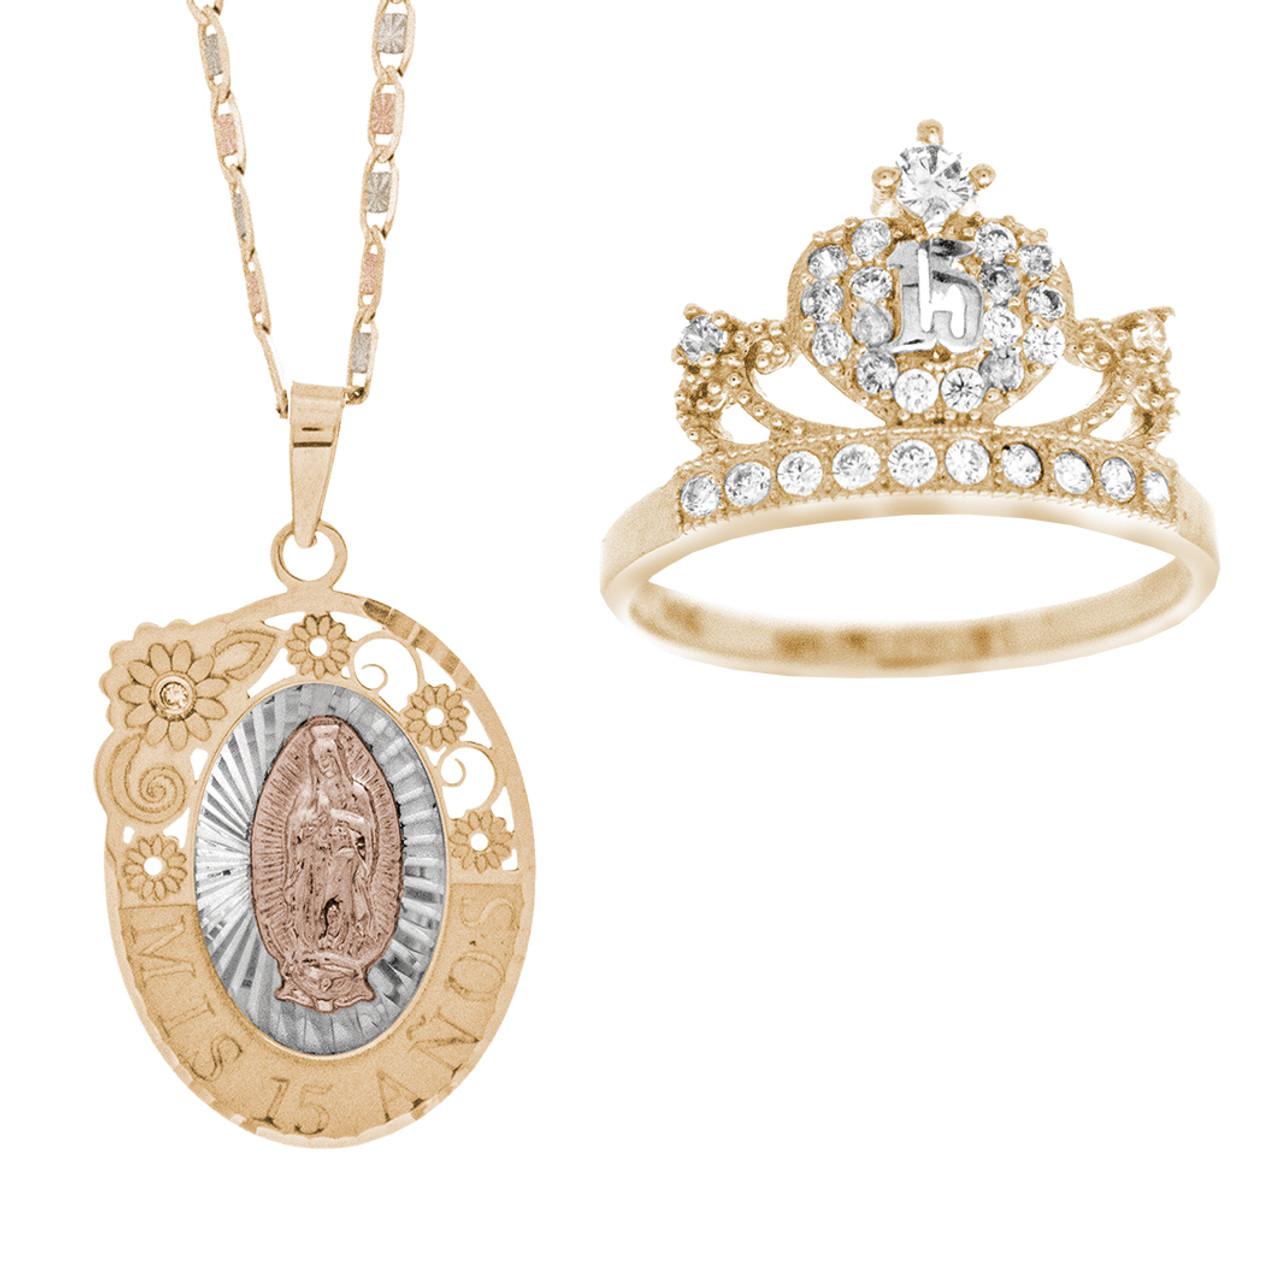 1deeb6bd4f6d Quinceanera XV Jewelry Set - XVS-101